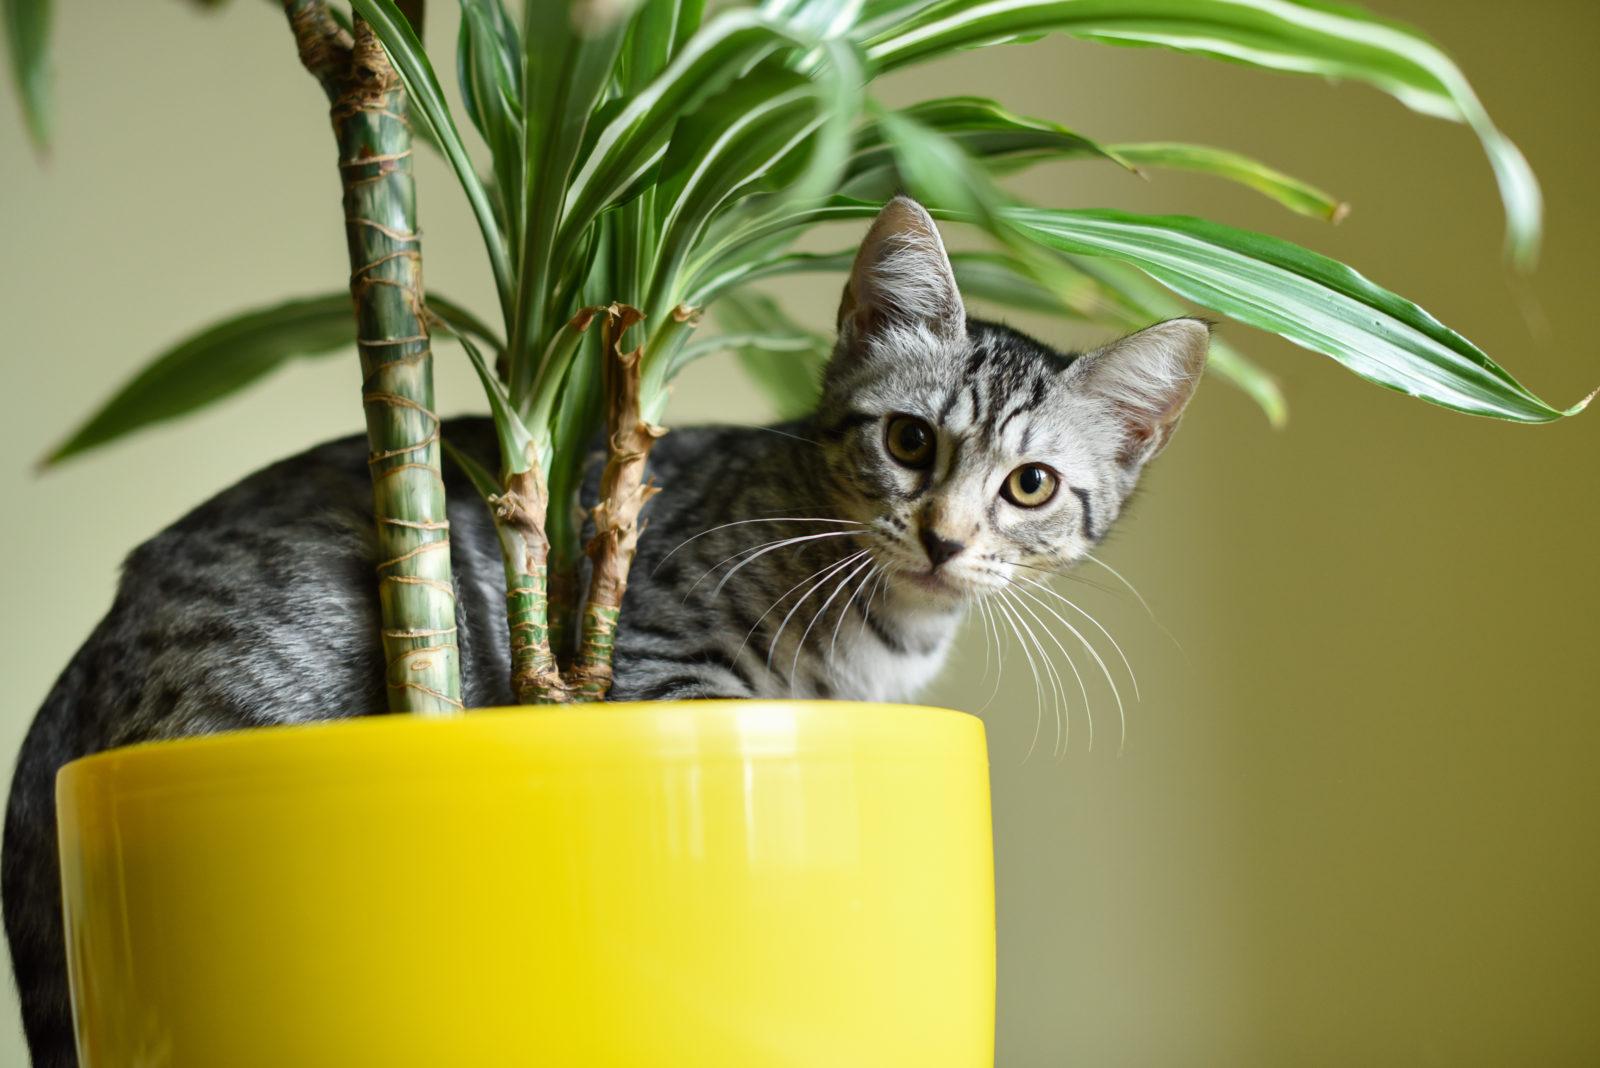 10 haustierfreundliche pflanzen f r garten wohnung plantura. Black Bedroom Furniture Sets. Home Design Ideas